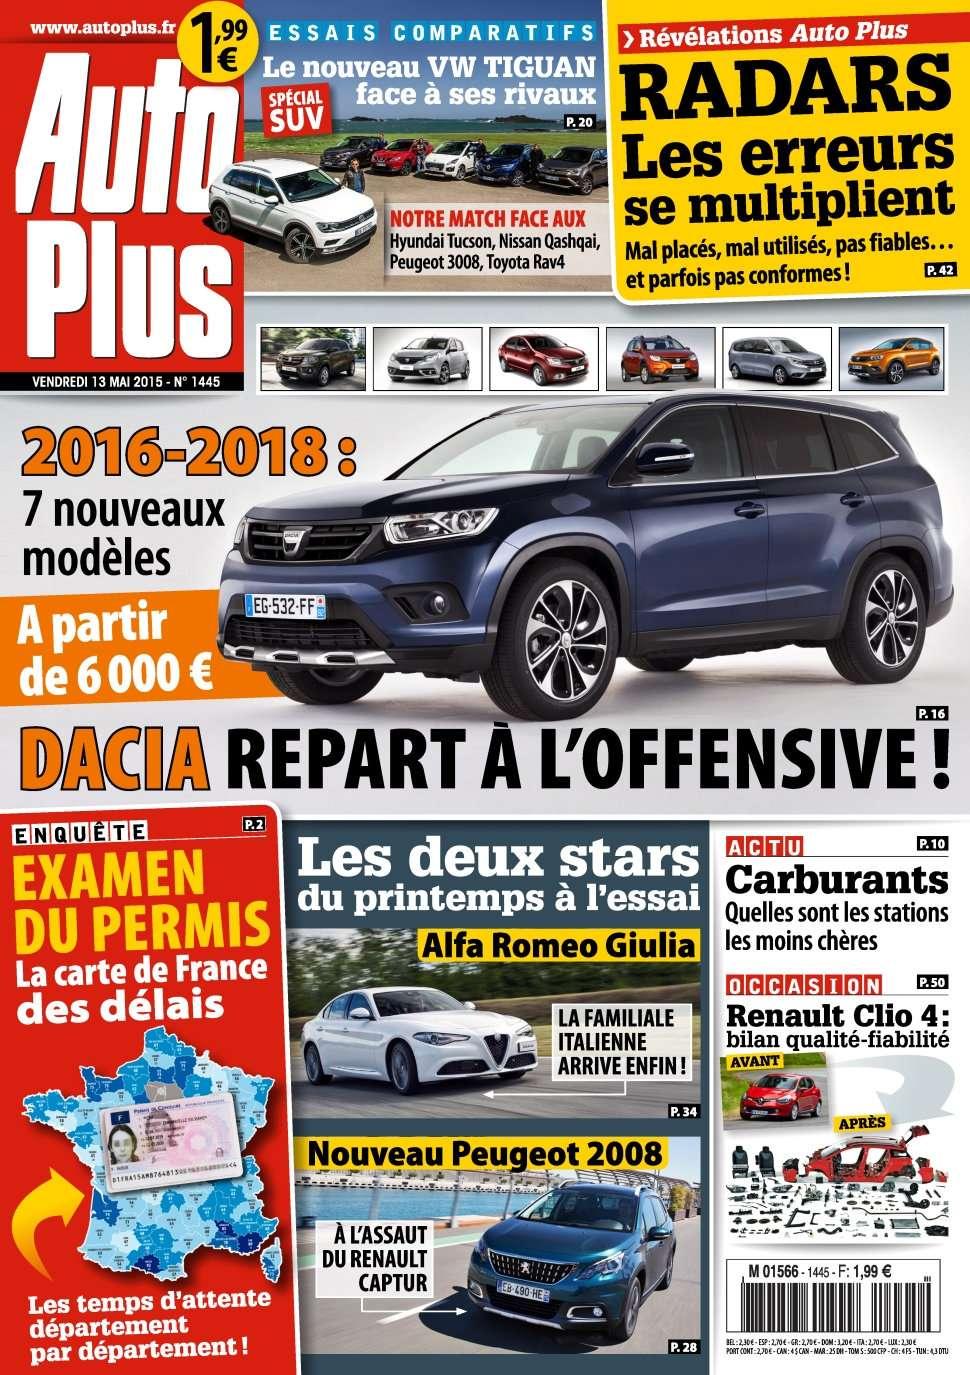 Auto Plus 1445 - 13 au 19 Mai 2016